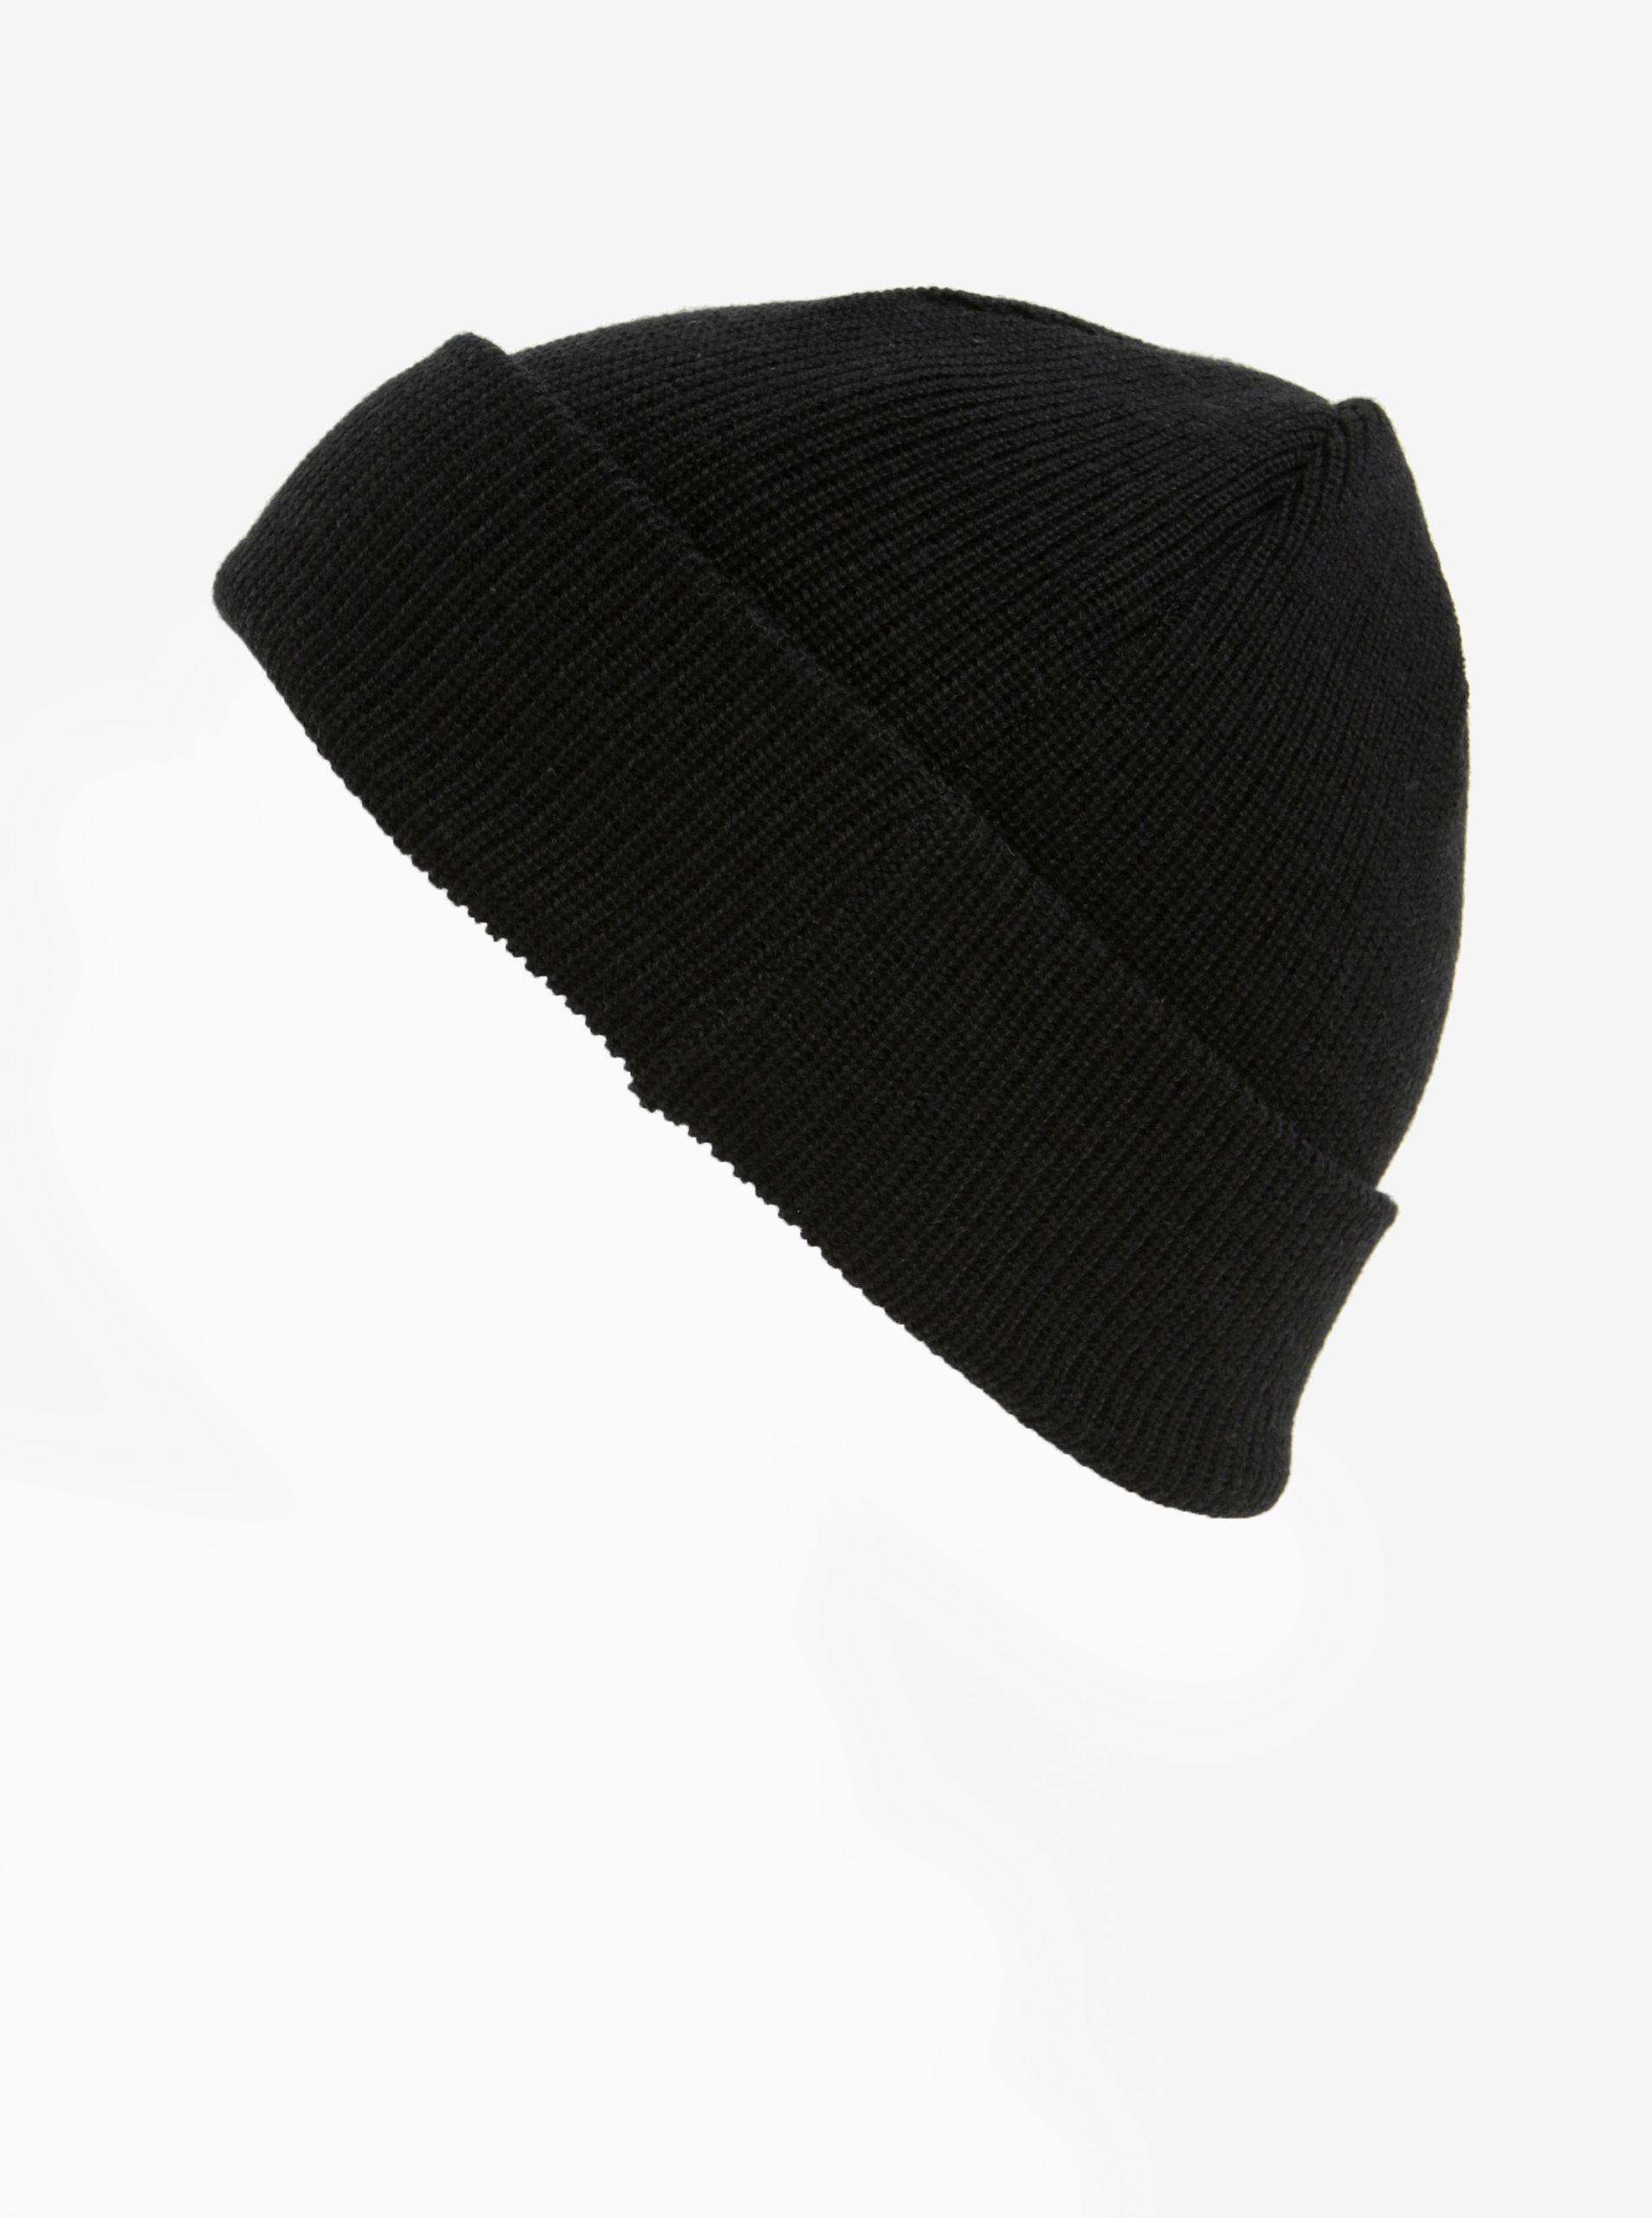 Černá pánská čepice z Merino vlny Makia Merino ... 2da415c323